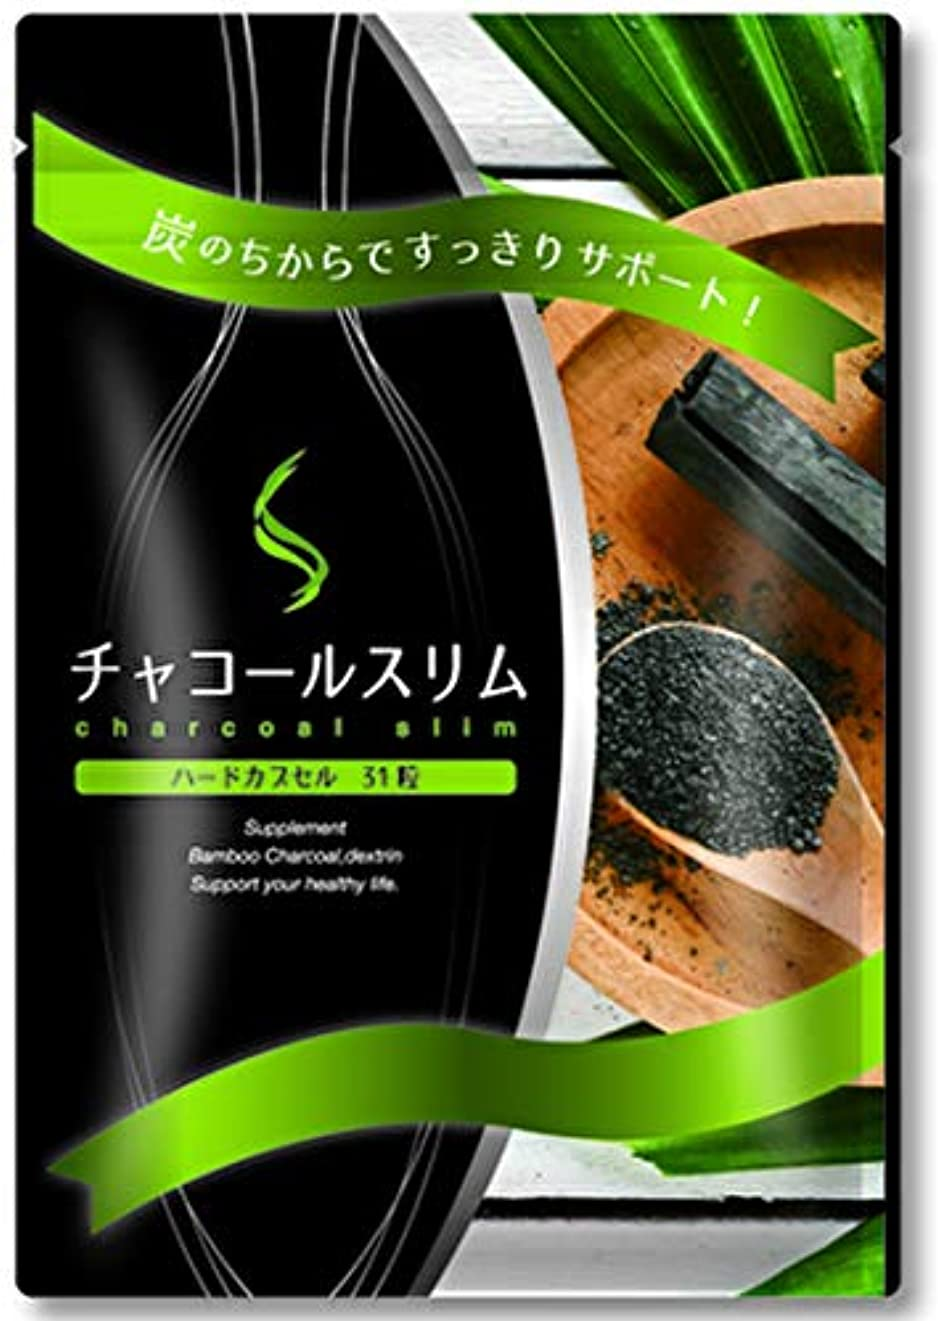 害虫暖炉意識的竹炭 チャコールスリム (31粒) 炭サプリ 国産 サプリメント チャコールクレンズ 炭ダイエット ダイエットサプリ